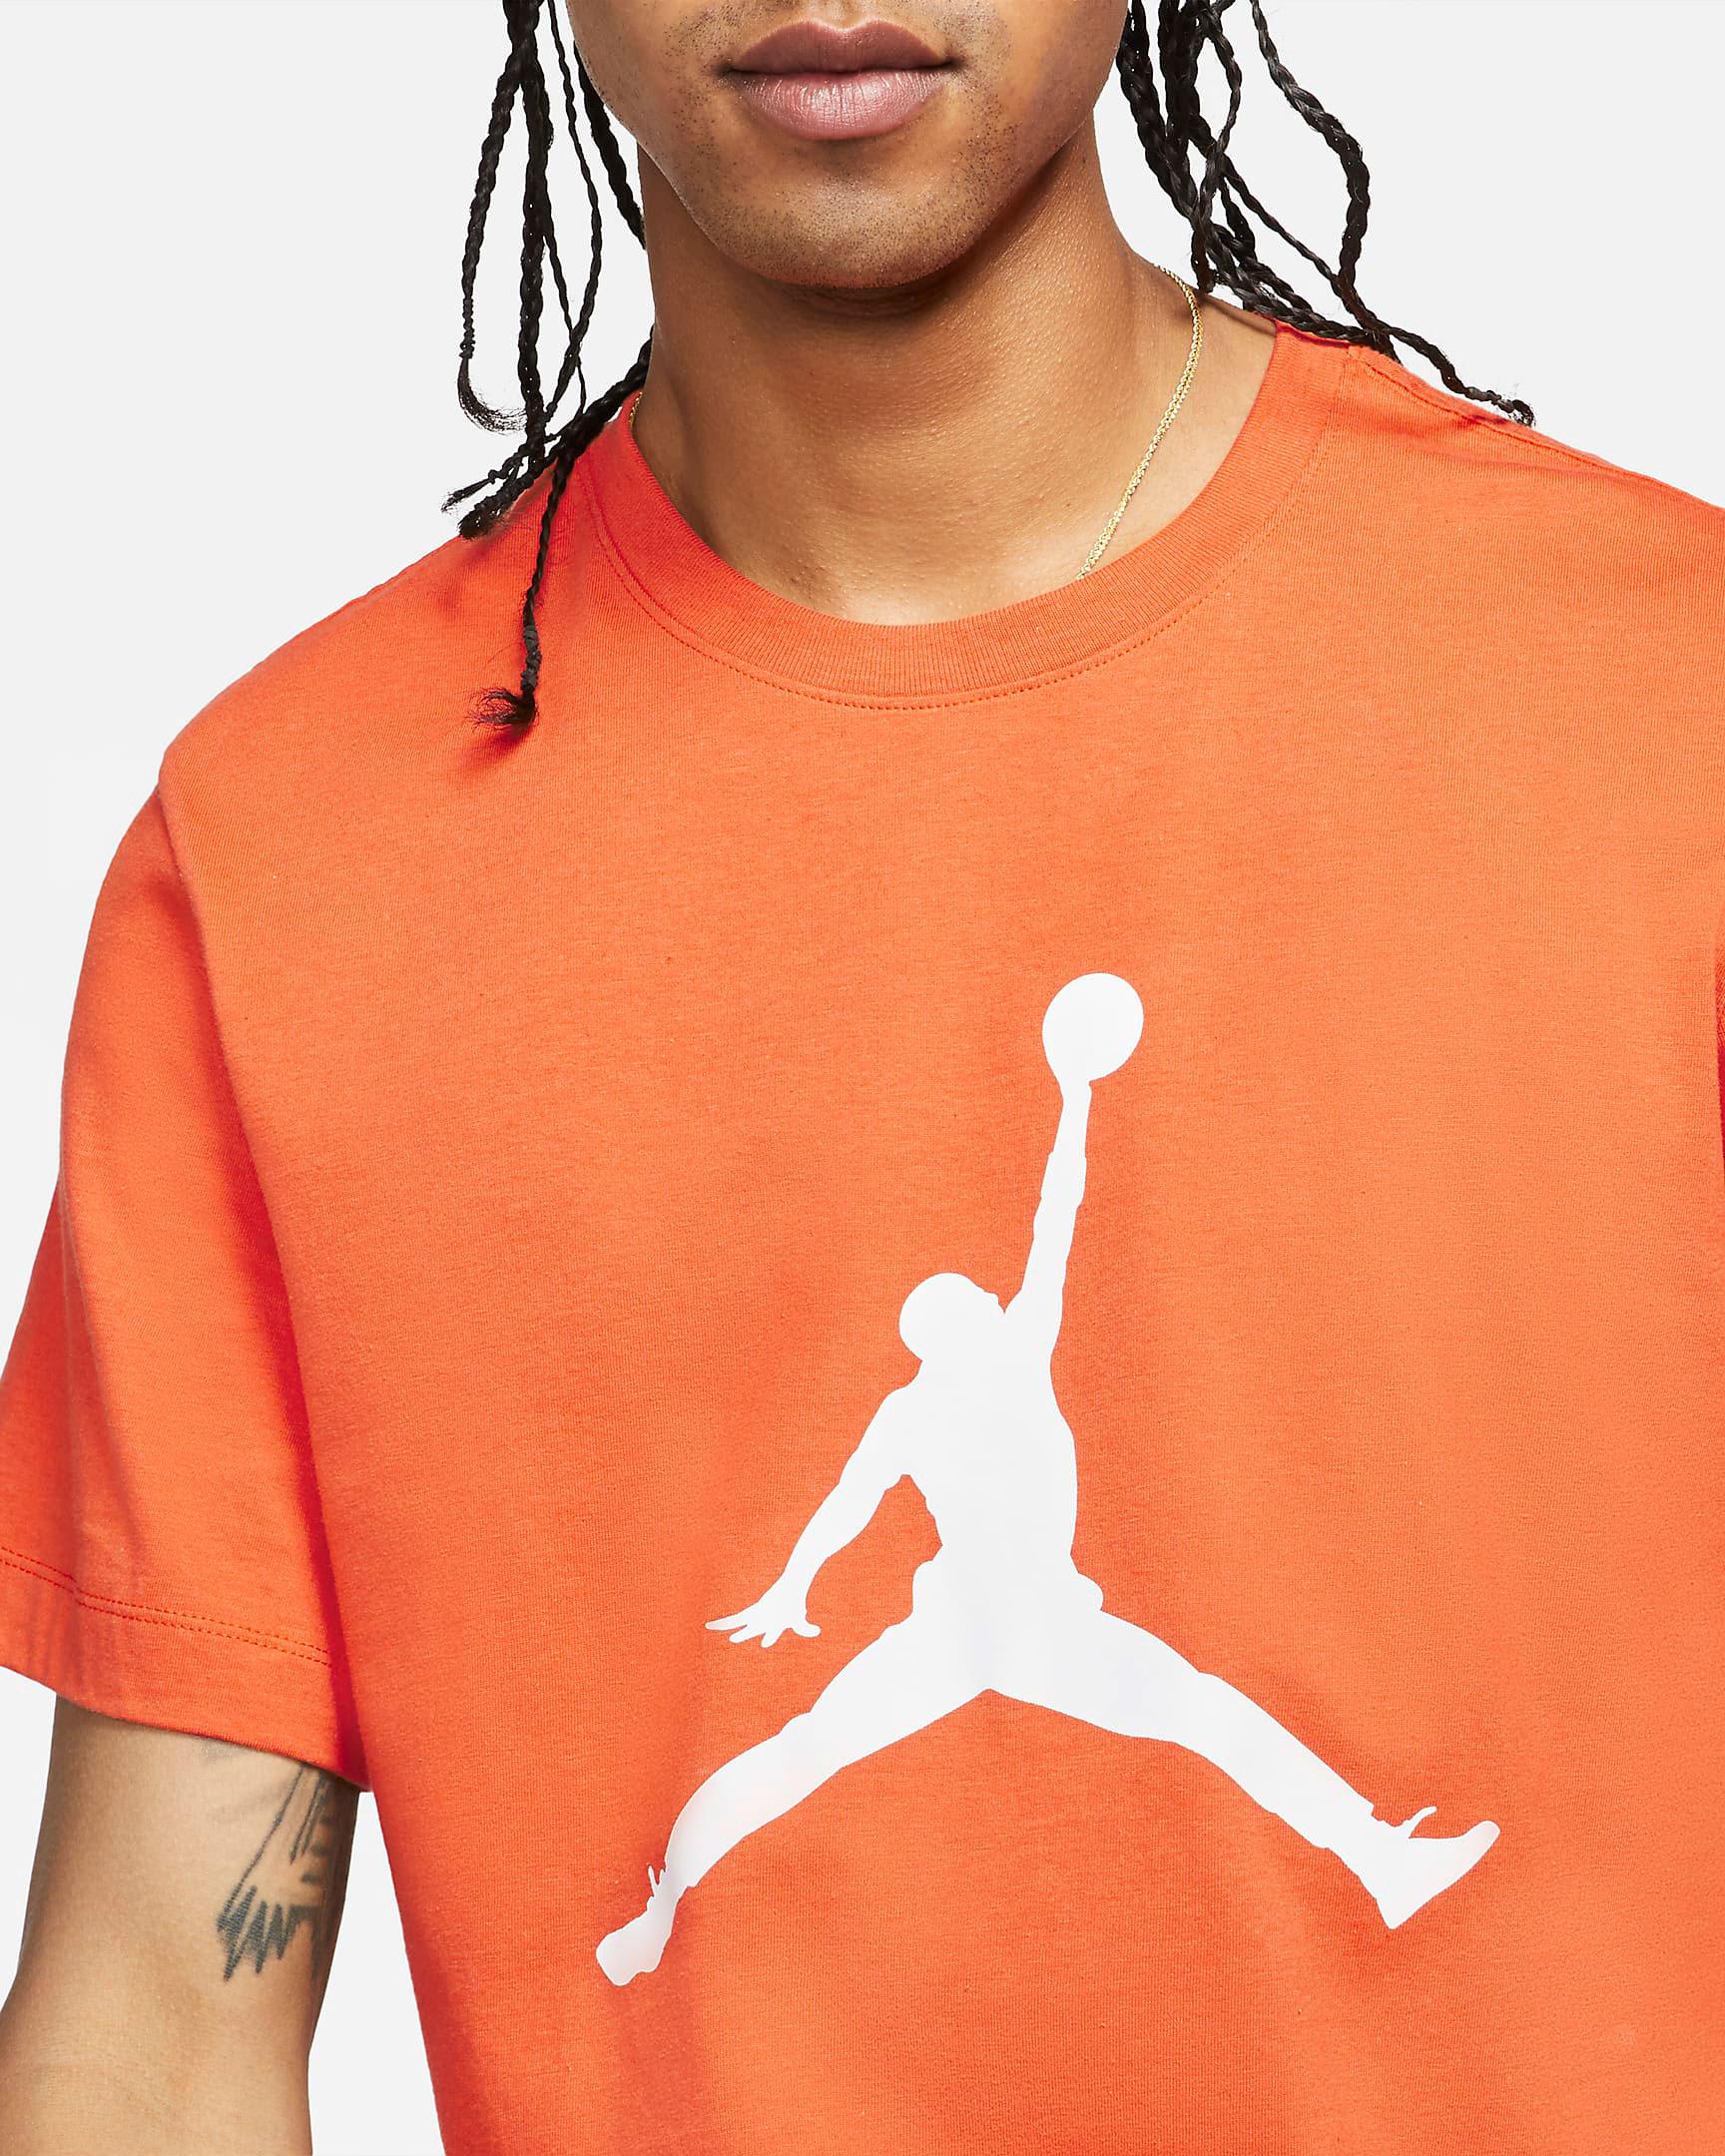 air-jordan-13-starfish-orange-shirt